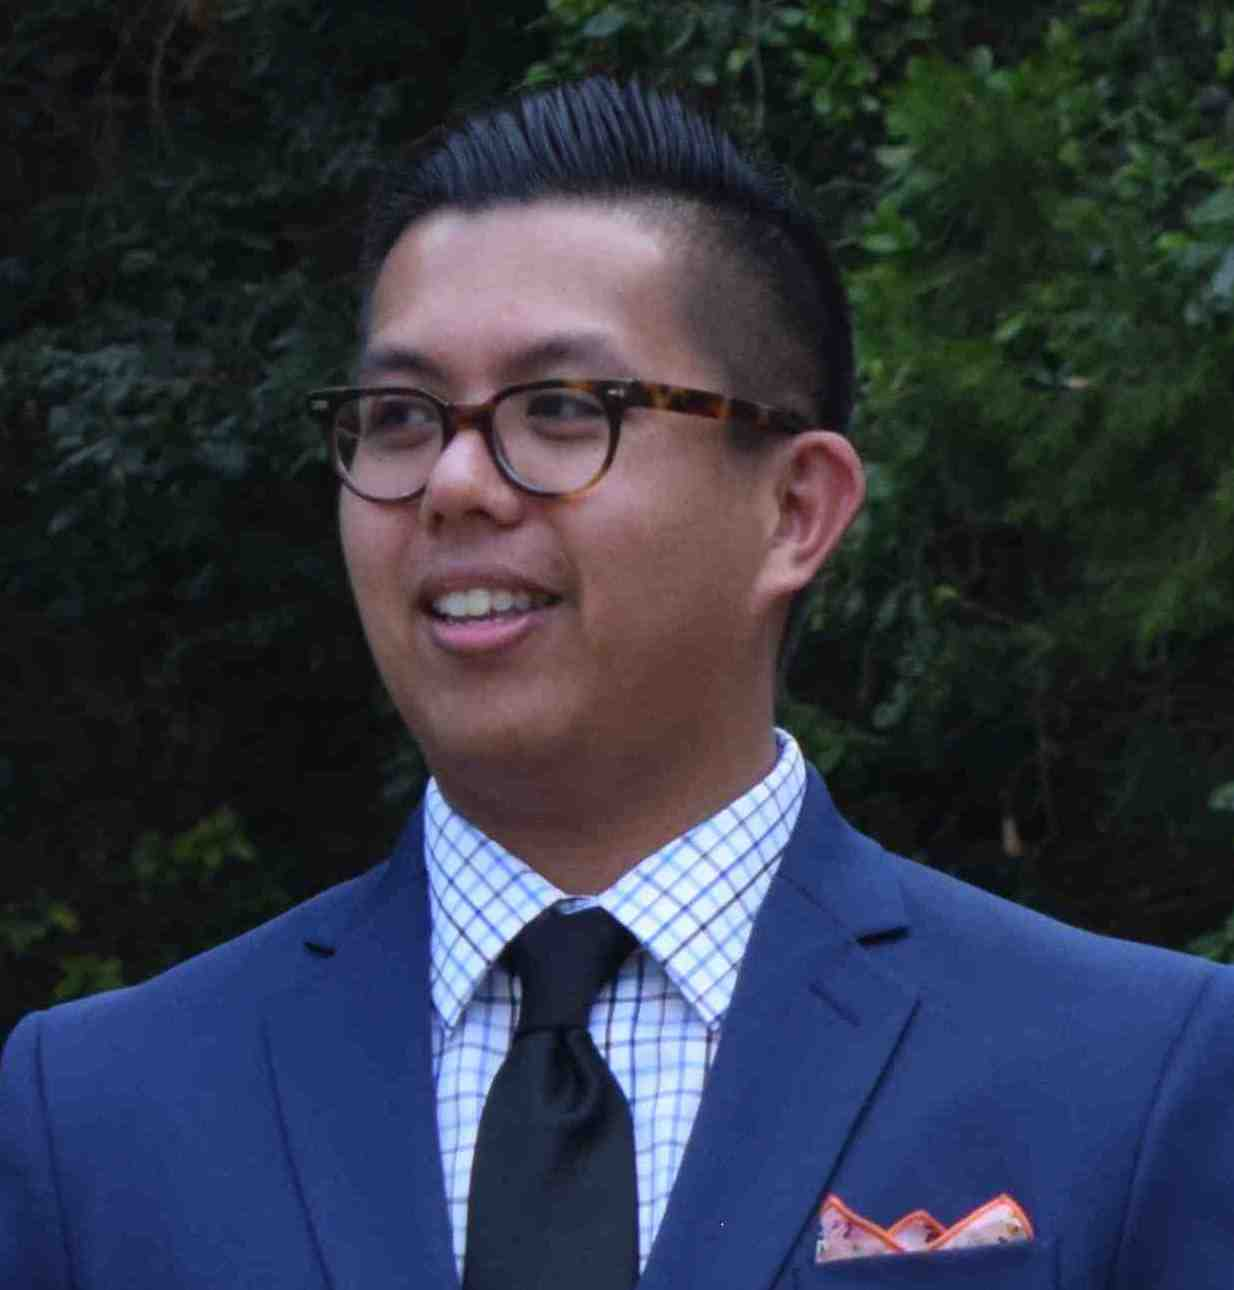 Chris Figueroa